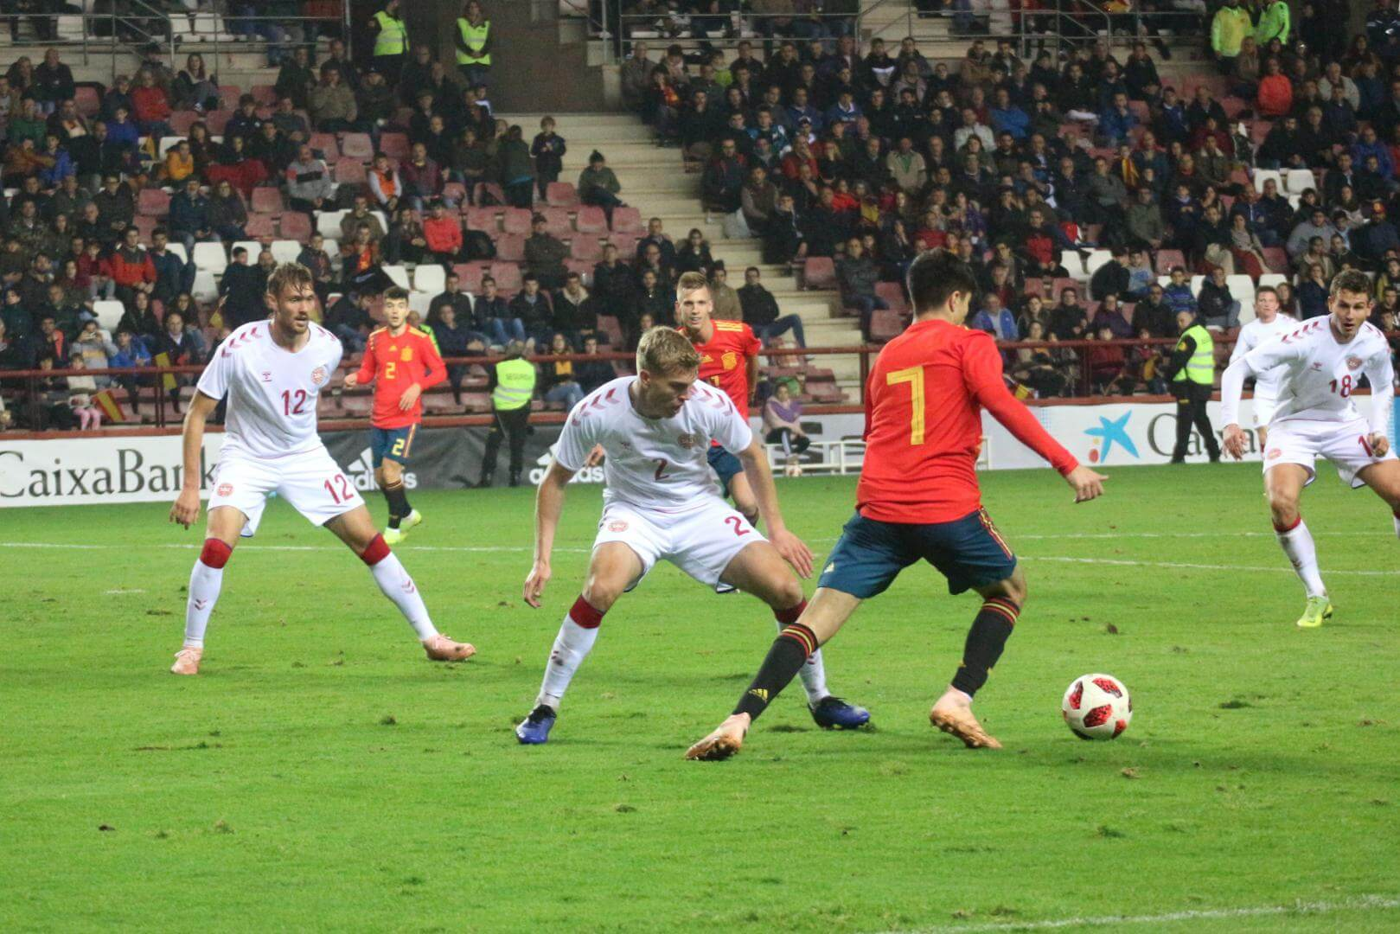 La Sub-21 de Luis de la Fuente remonta y golea en Las Gaunas 3